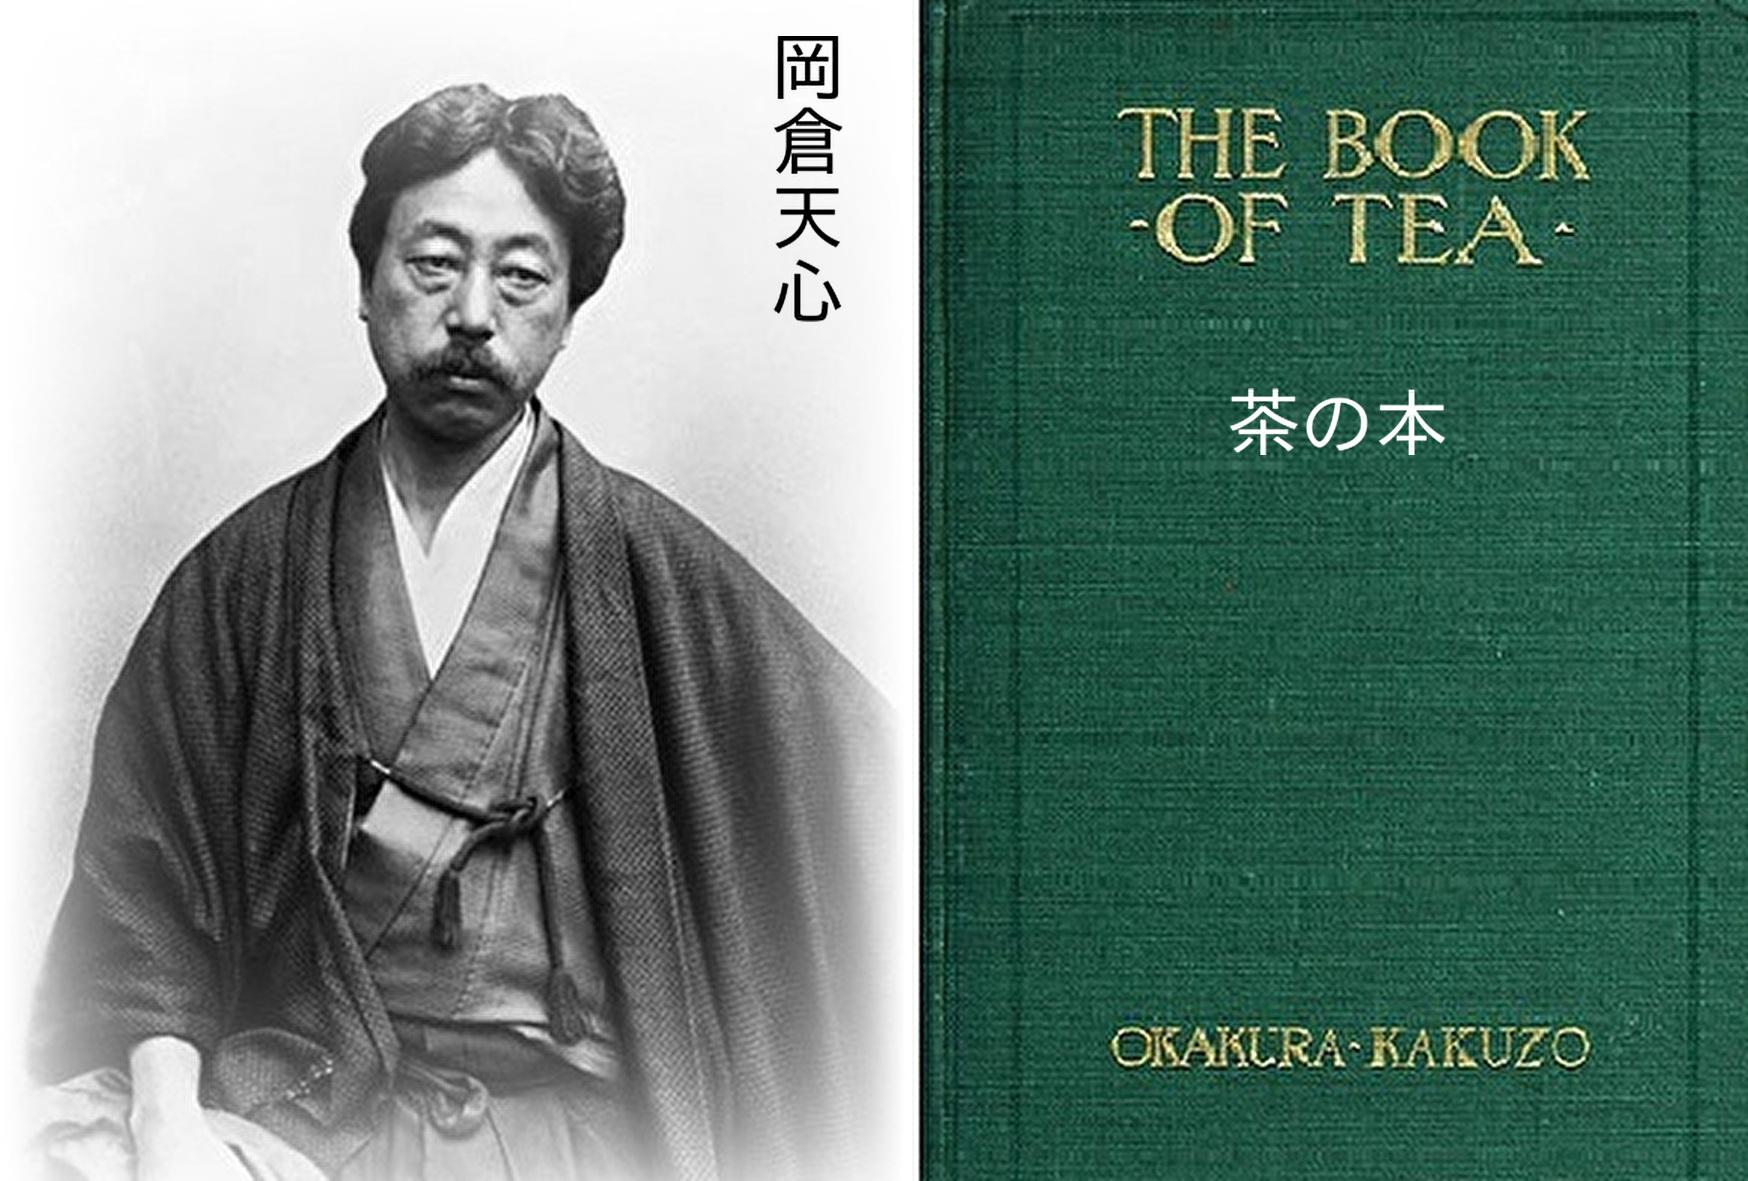 【後編】「茶の本」の作者 岡倉天心とは?なぜ、天心は茶の本を書いたのか?時代背景とその理由